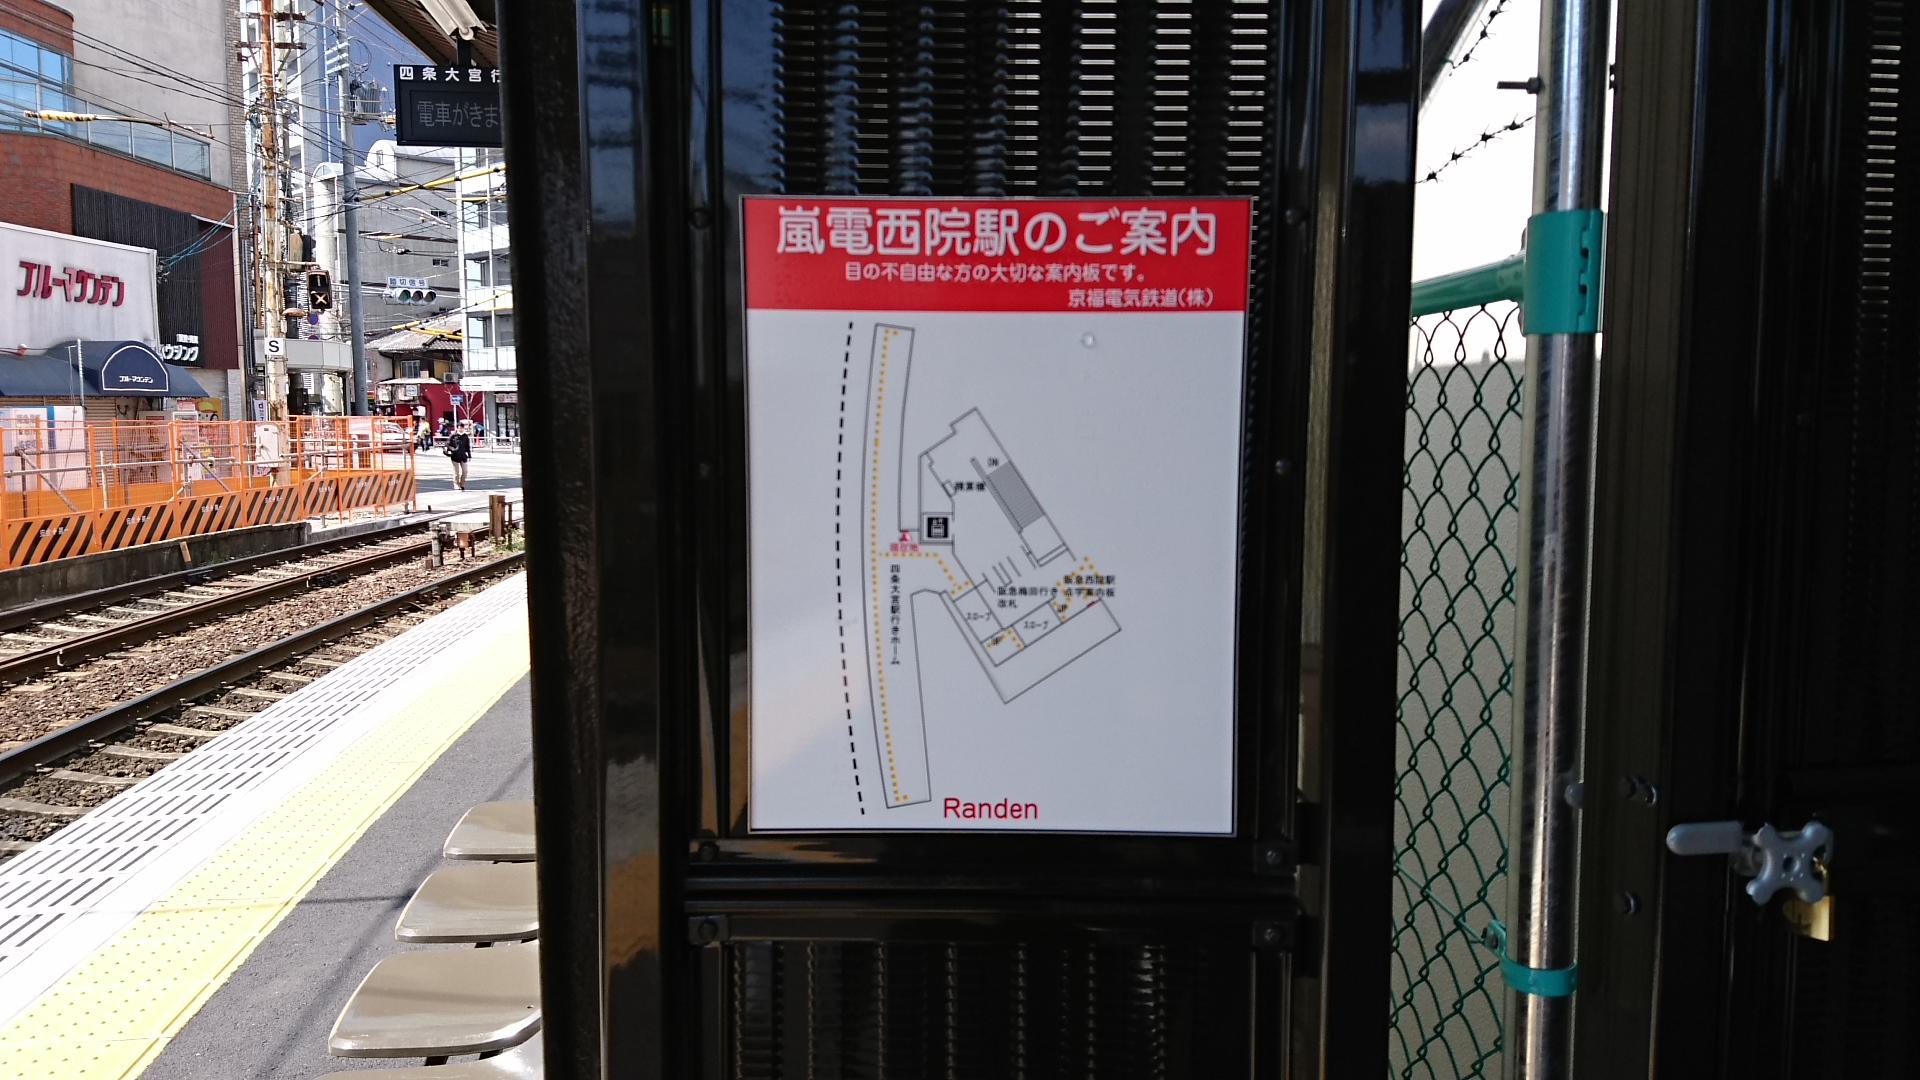 2017.4.2 西院のりかえ (7) 嵐電四条大宮方面ホーム 1920-1080